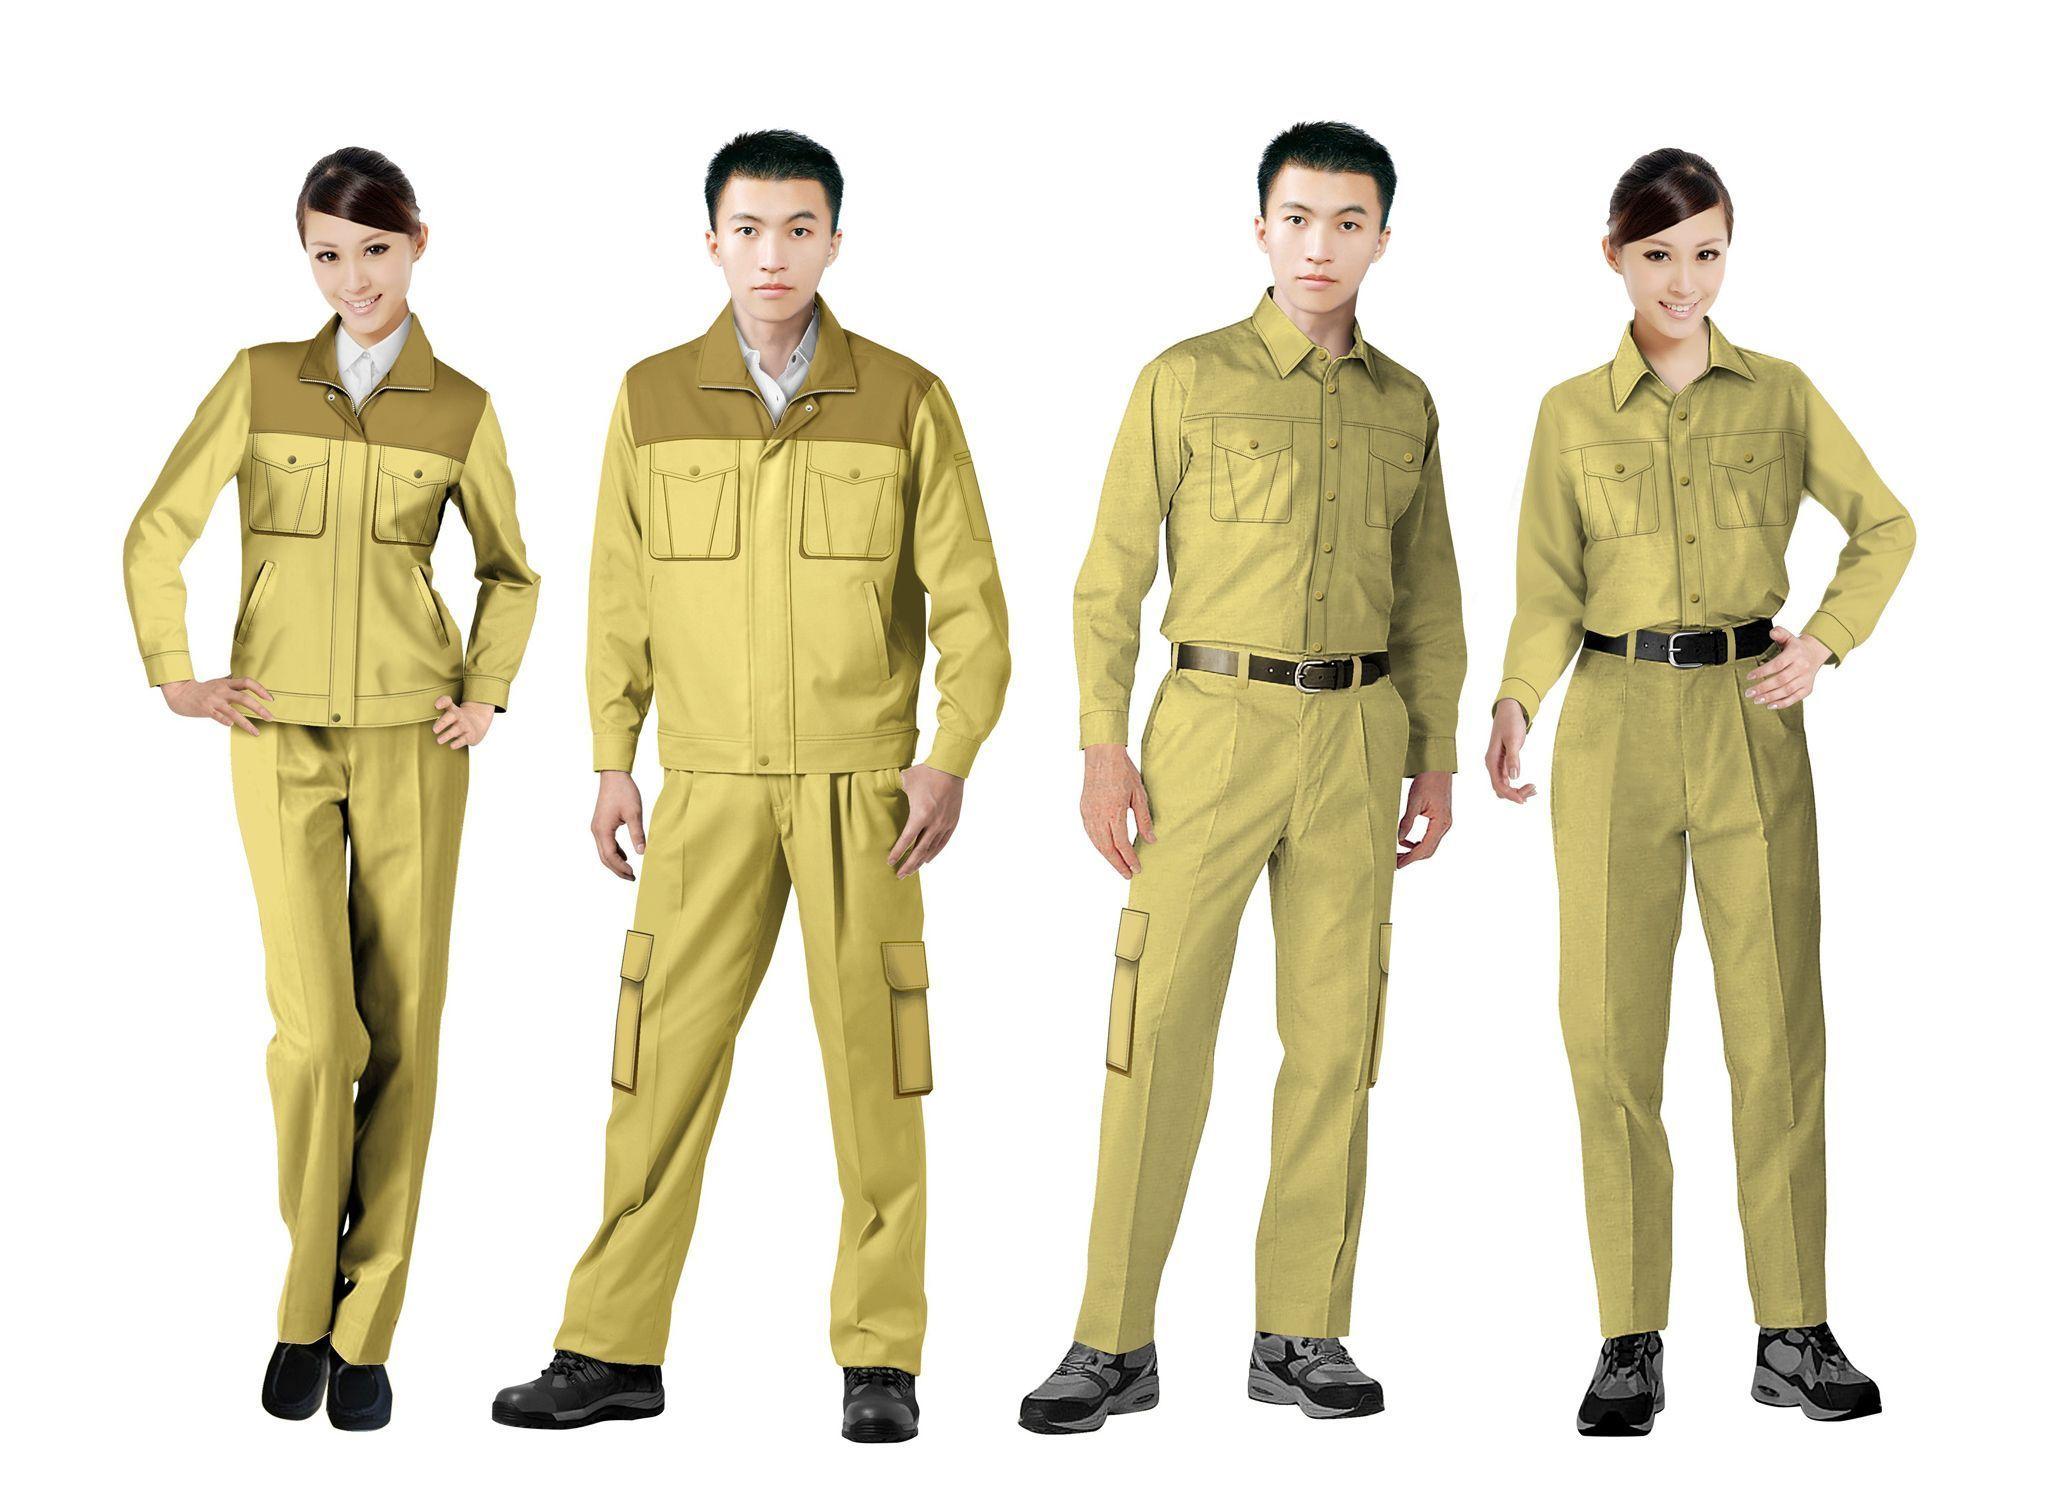 工作服设计图系列方案07